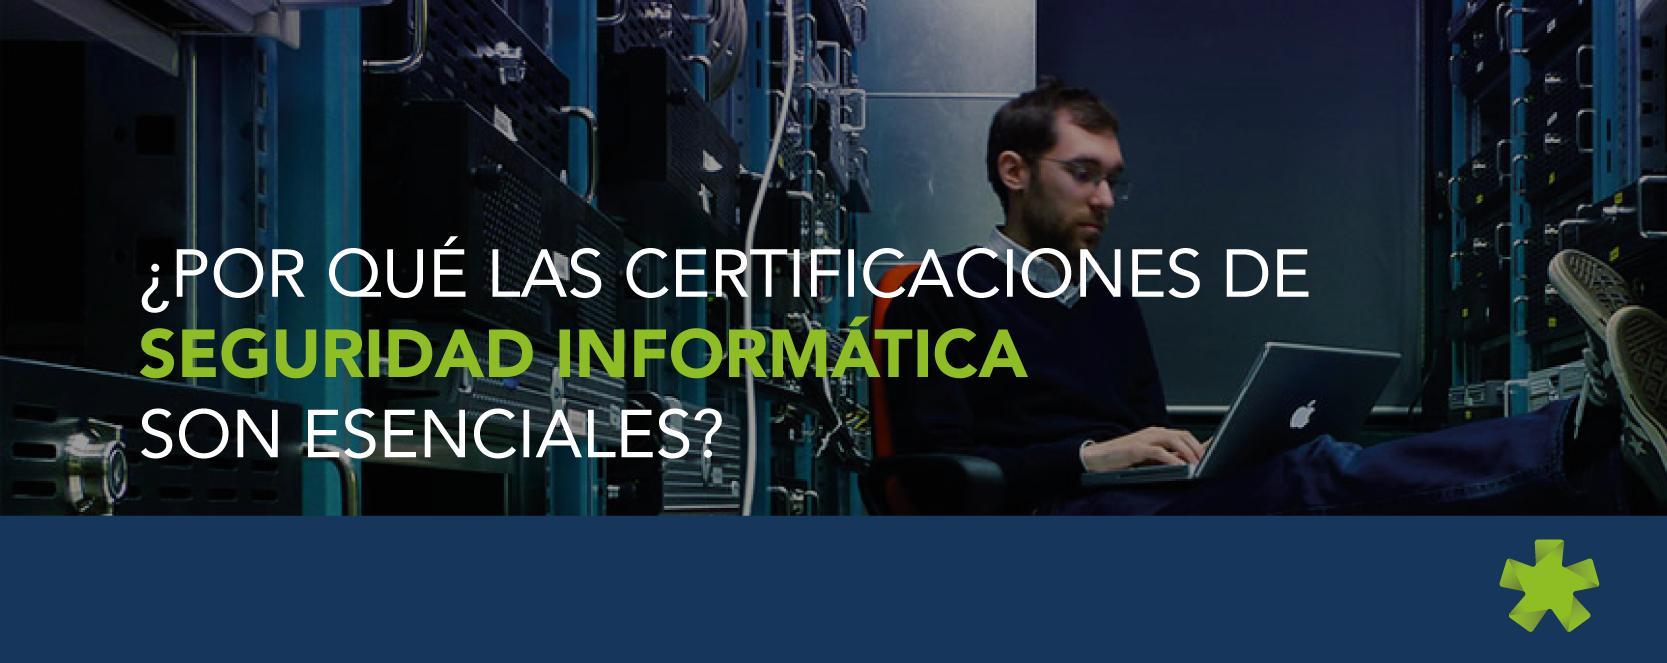 Certificaciones de Seguridad Informática